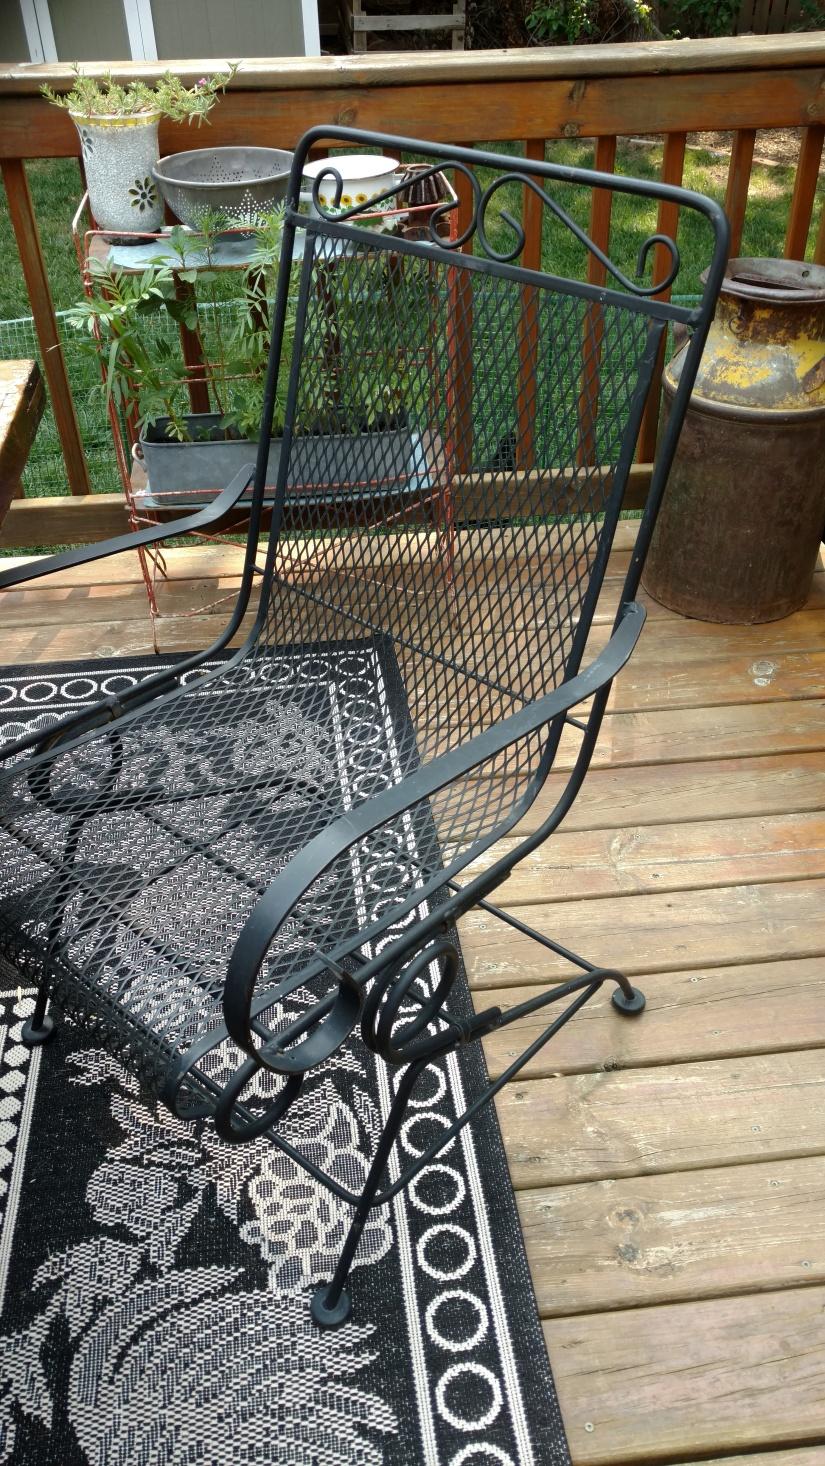 patio chair2.jpg